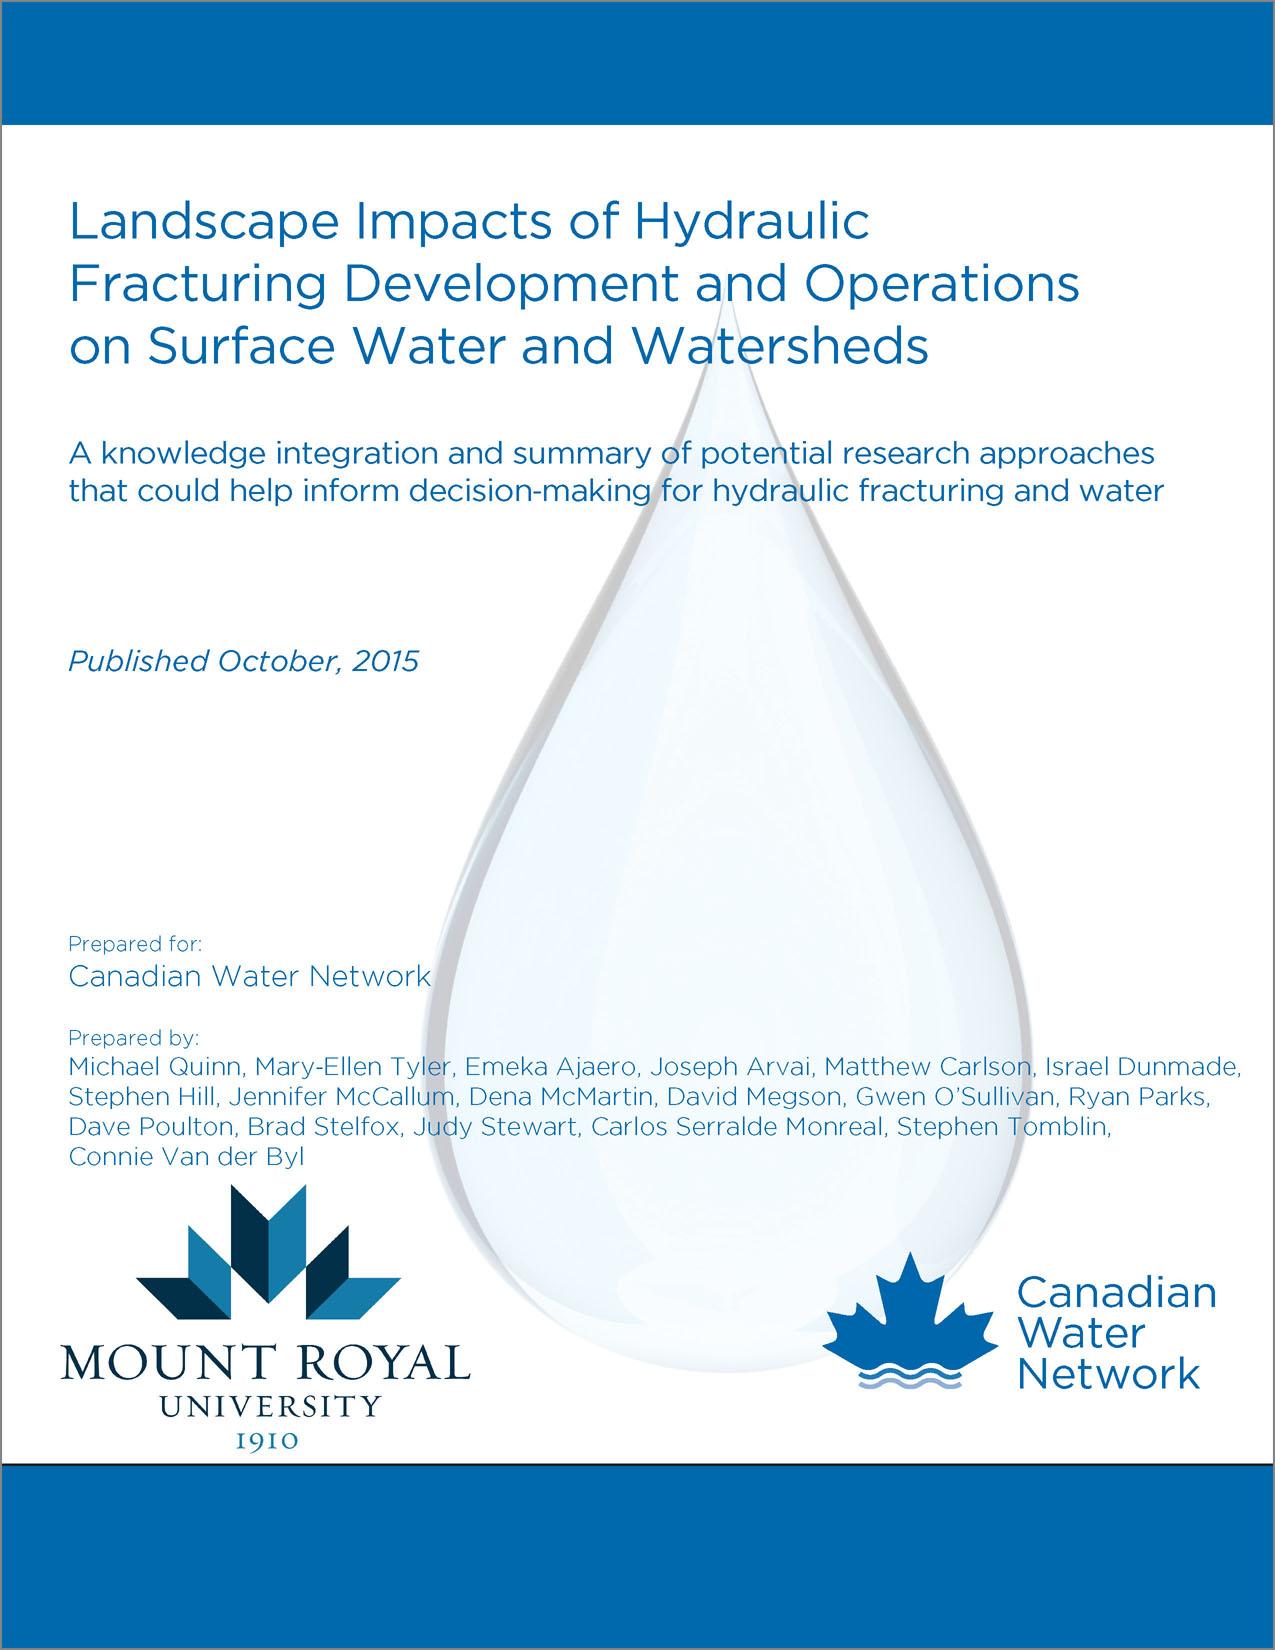 Intégration des connaissances sur l'eau et la fracturation hydraulique: les impacts du paysage